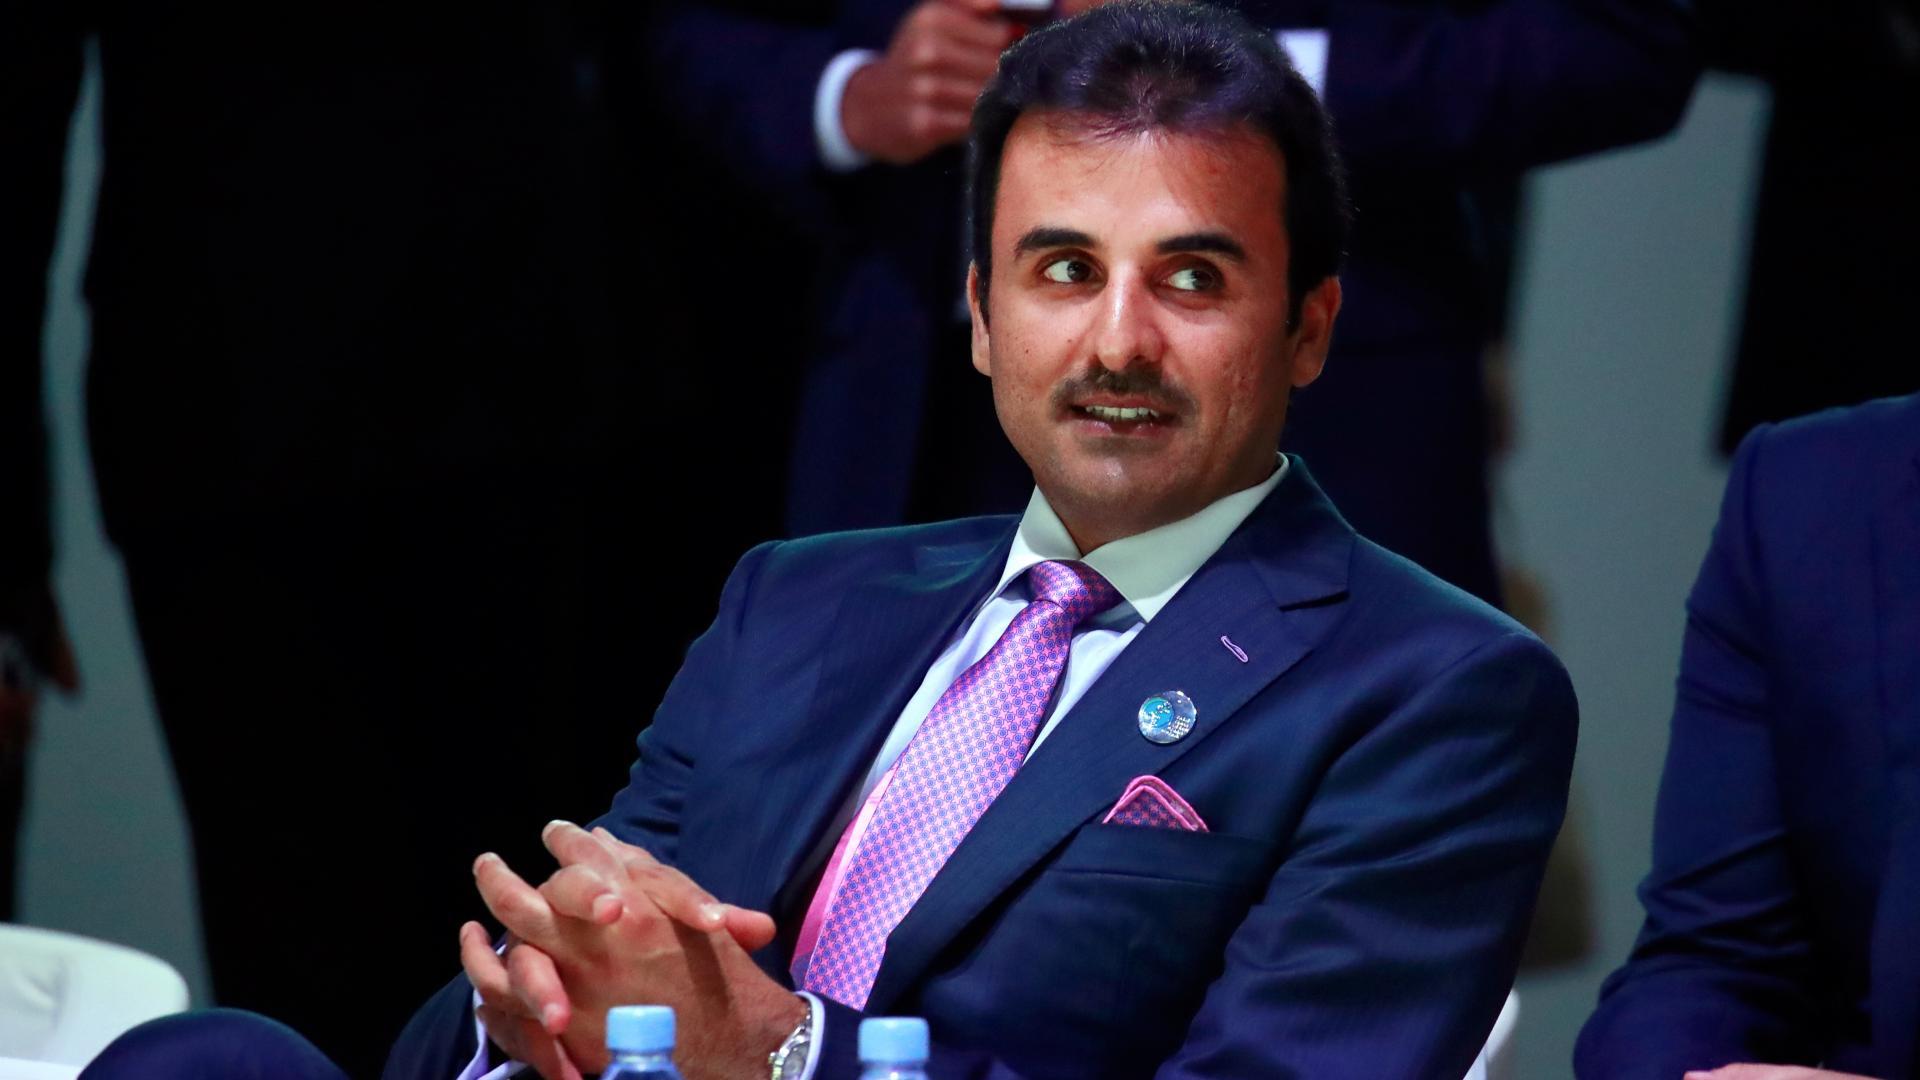 بين ترحيب واتهام.. كيف تفاعل نشطاء مع إعلان تمثيل أمير قطر لبلاده بقمة لبنان الاقتصادية؟